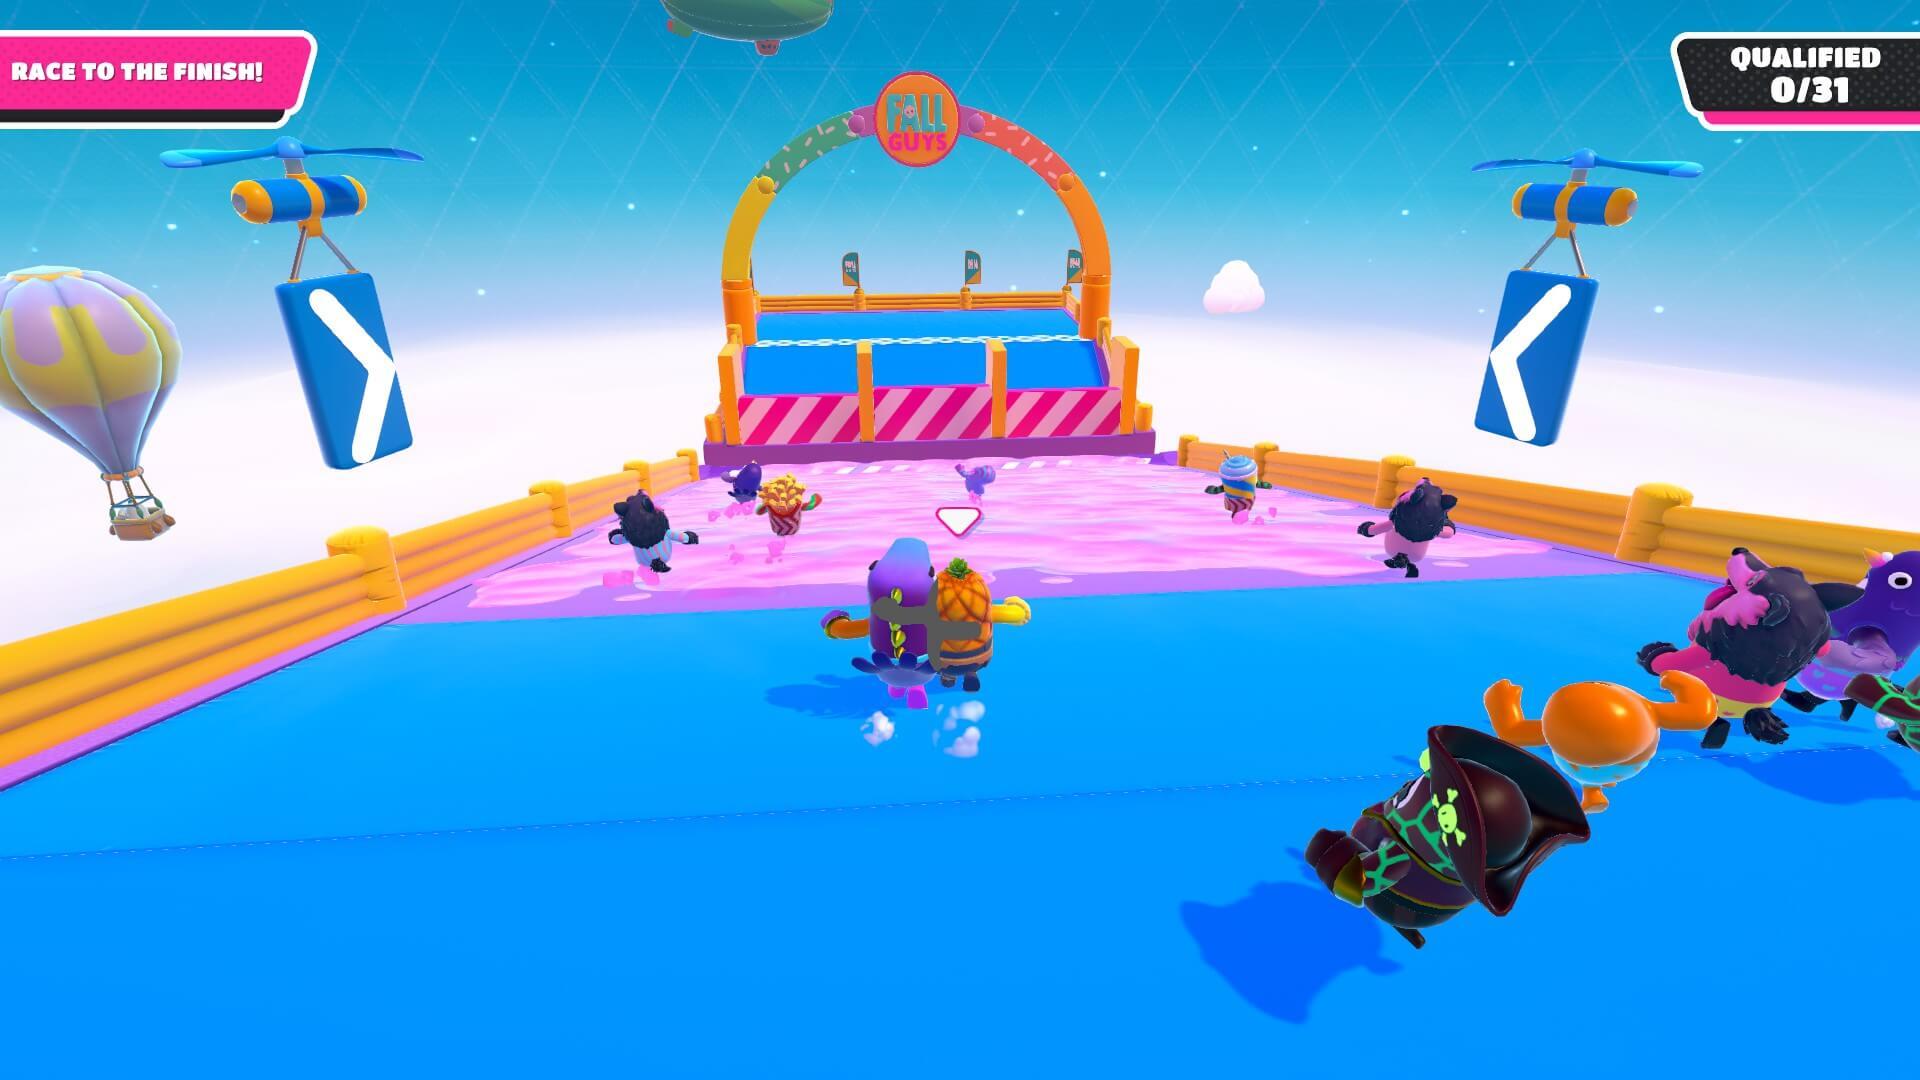 Fall Guys Race Screenshot